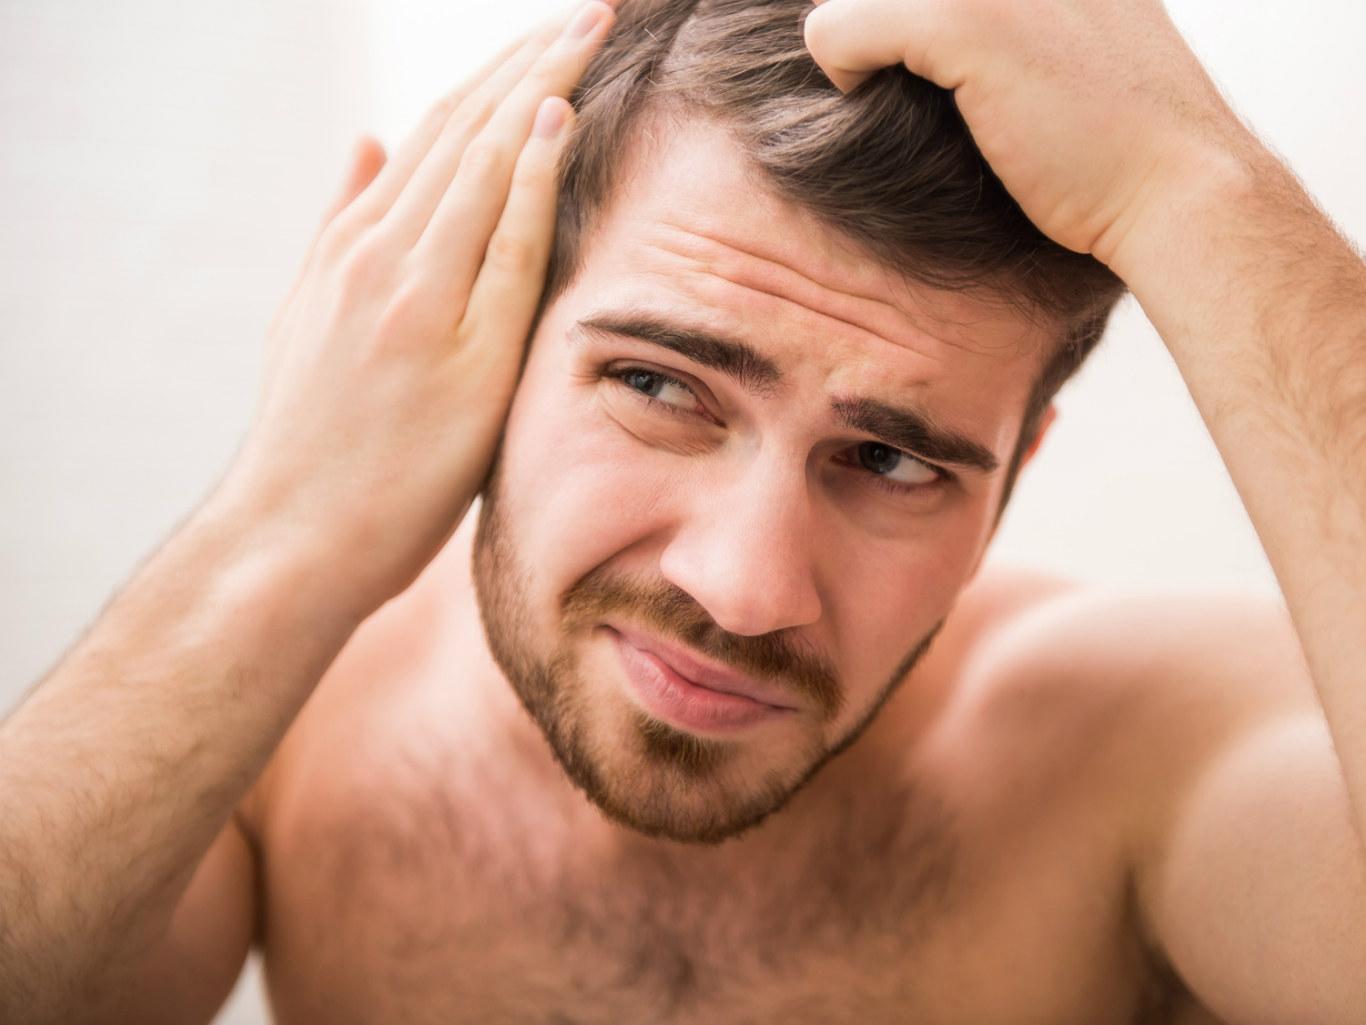 Облысение у мужчин – причины и лечение, средства от облысения